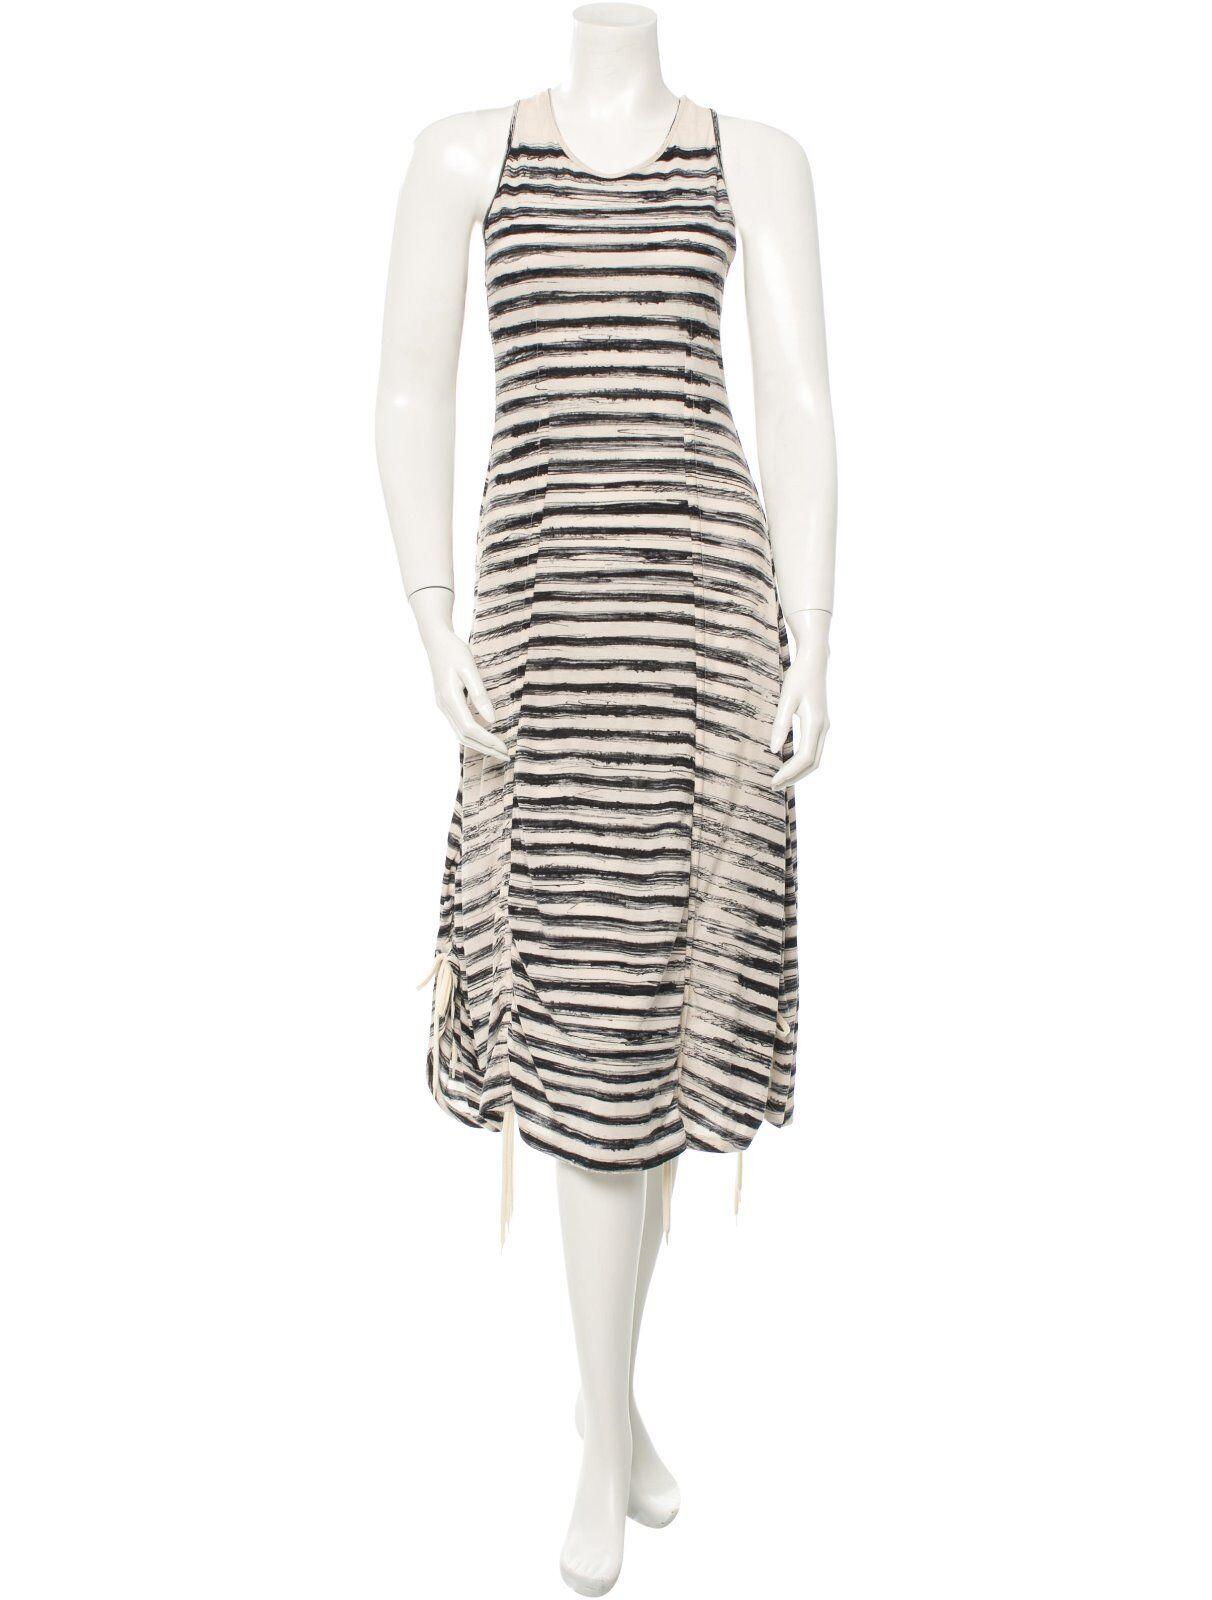 Fresco loco, Venta, Nueva Jean Paul Gaultier Ajustable vestido  dobladillo  forma única